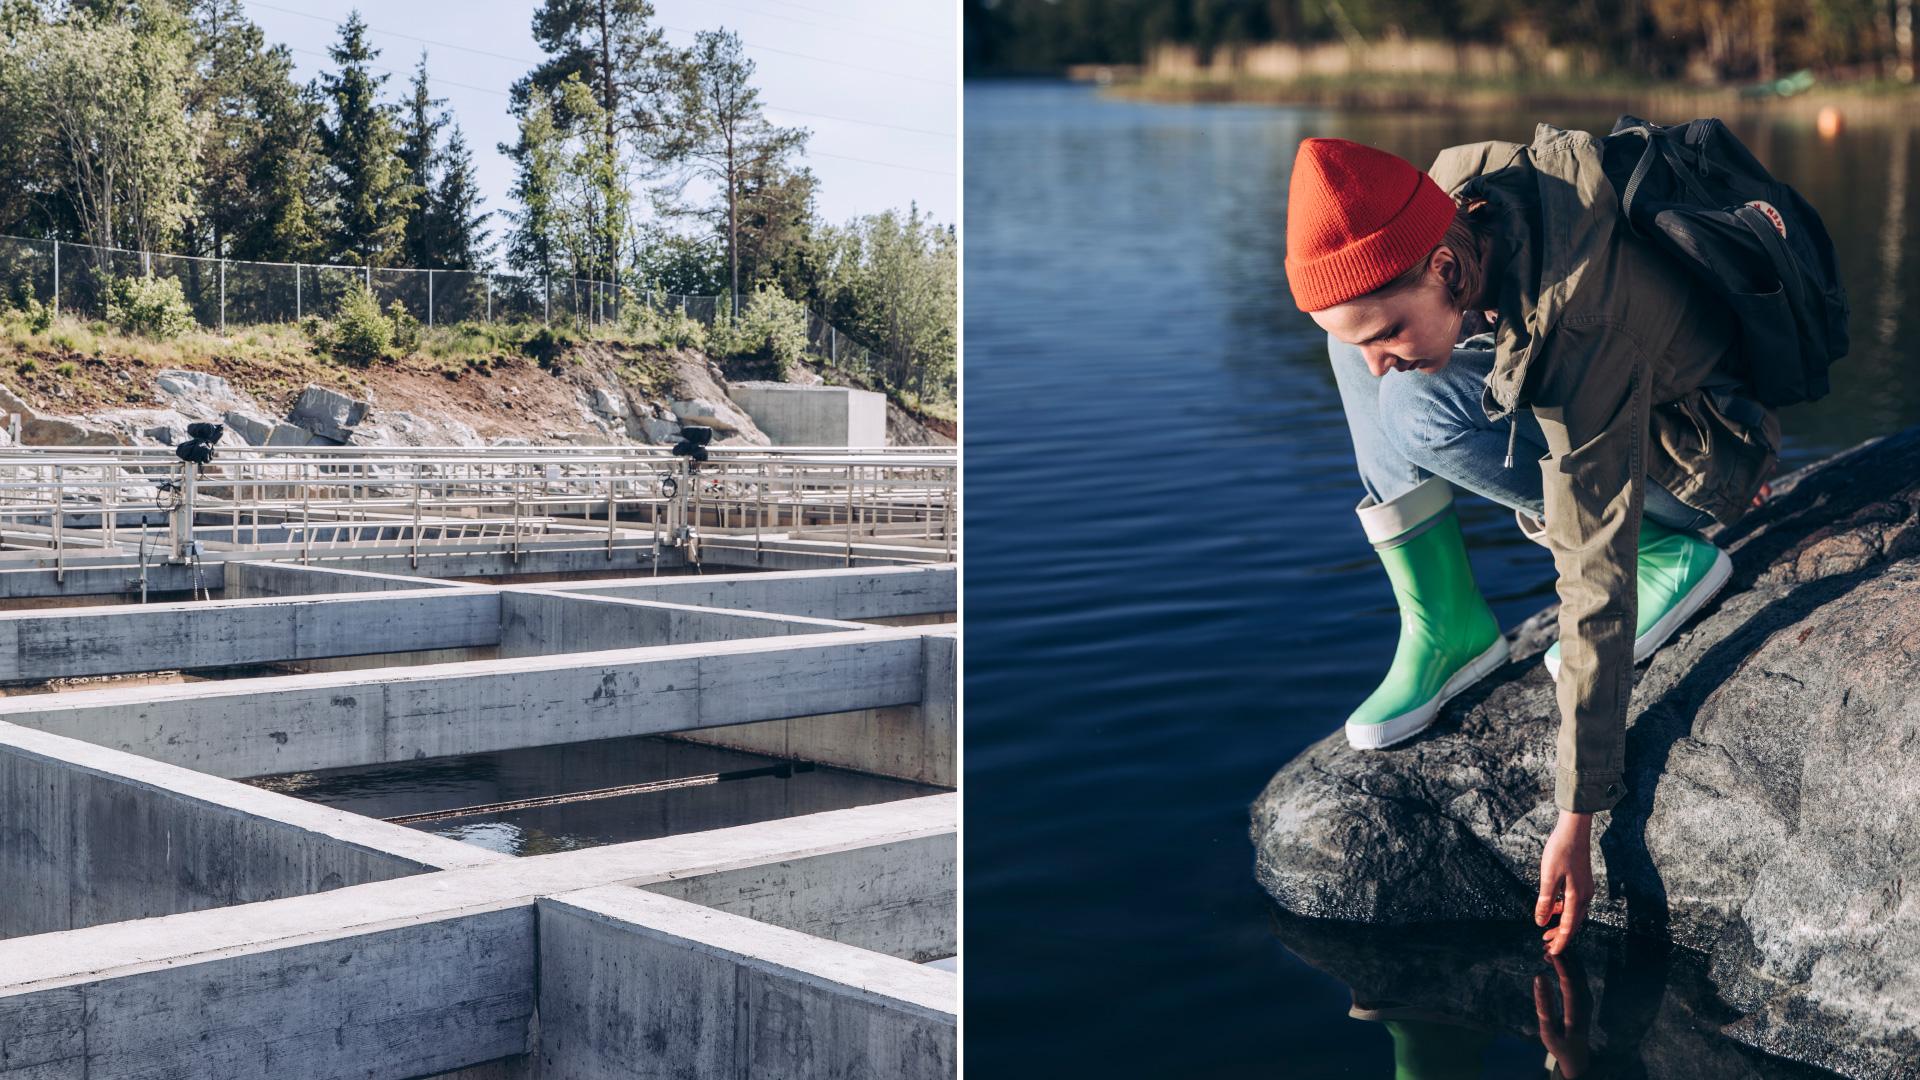 Kuvapari, jossa toisessa kuvassa on vedenpuhdistamon vesialtaita sekä toisessa kuvassa nuori tyttö kumartumassa koskettamaan järven pintaa.